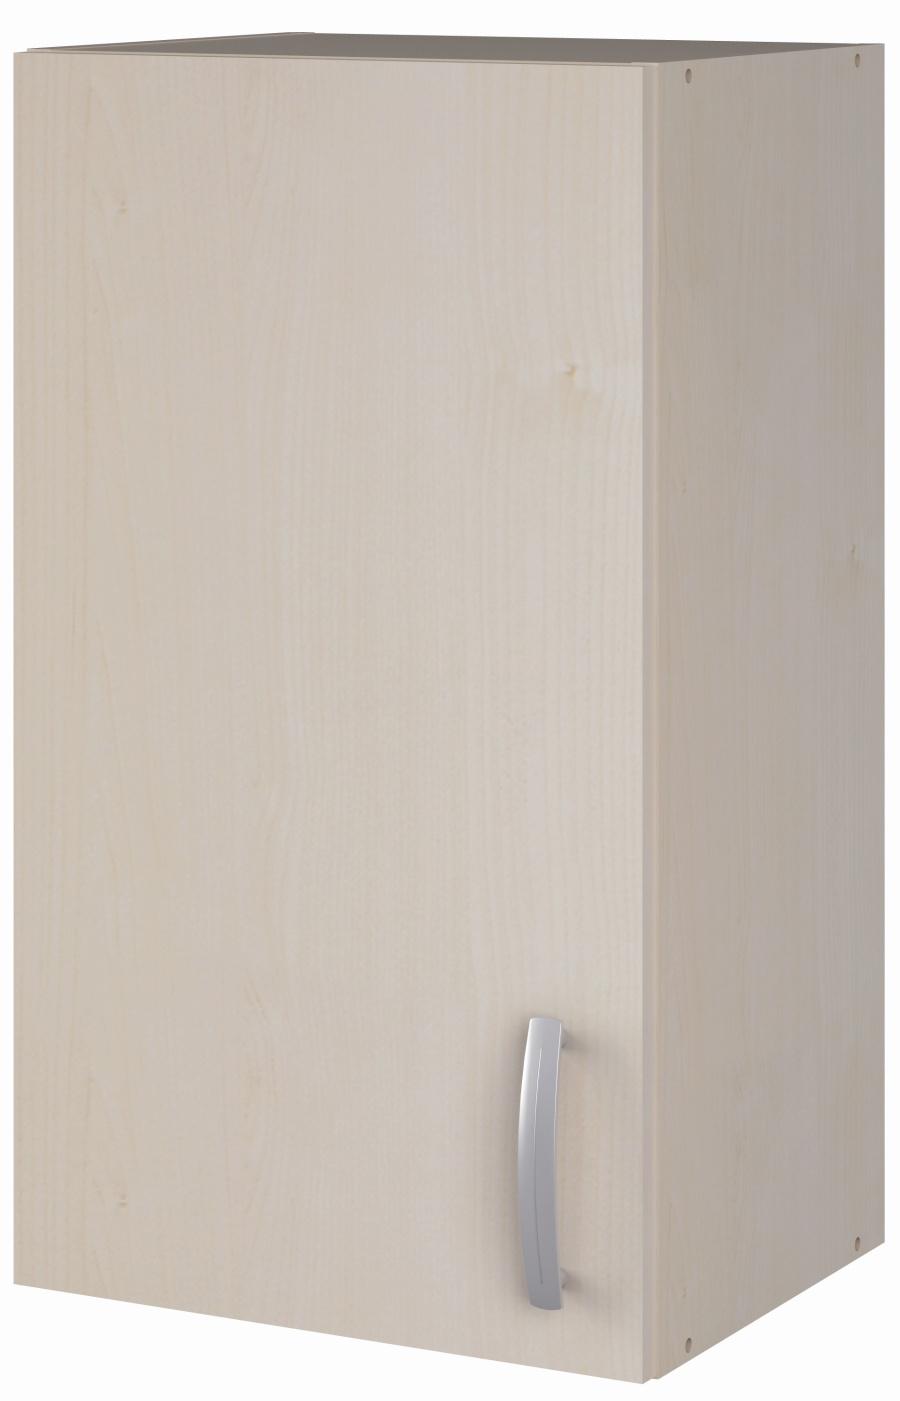 Meuble haut 40 cm GRAIN DE SEL